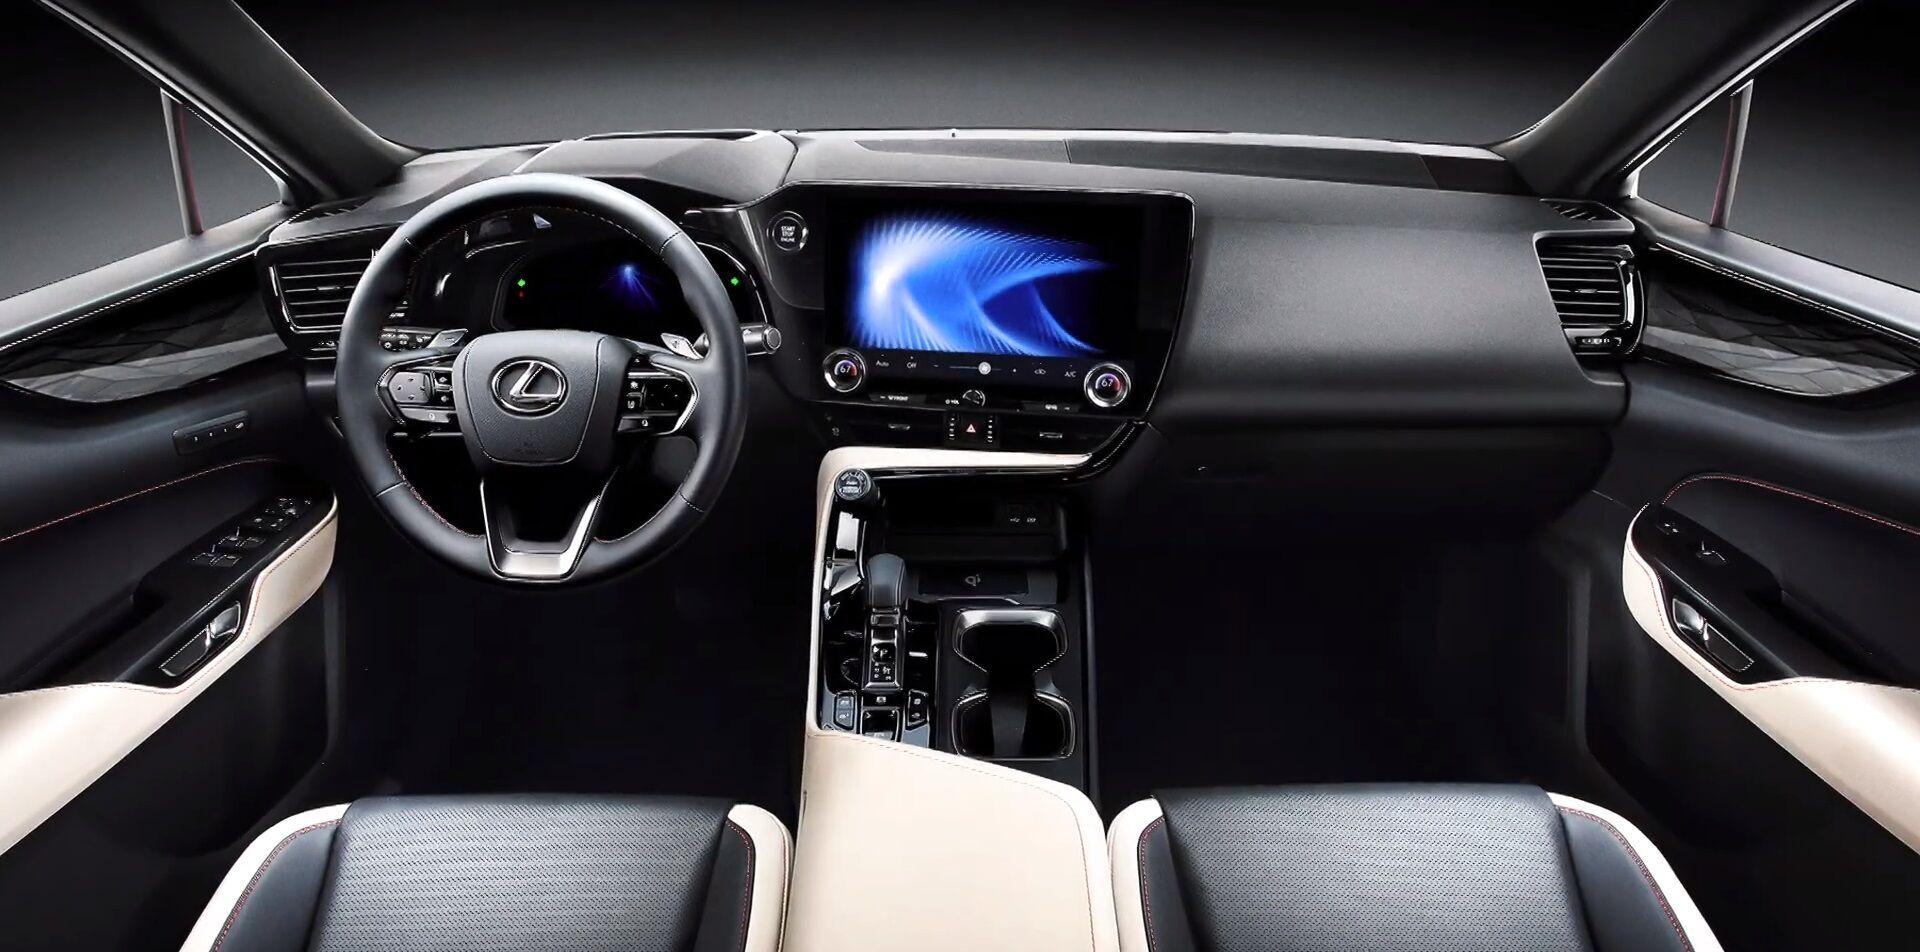 Найбільш вражаючі зміни відбулися у салоні, який нагадує аналогічний елемент Toyota Mirai